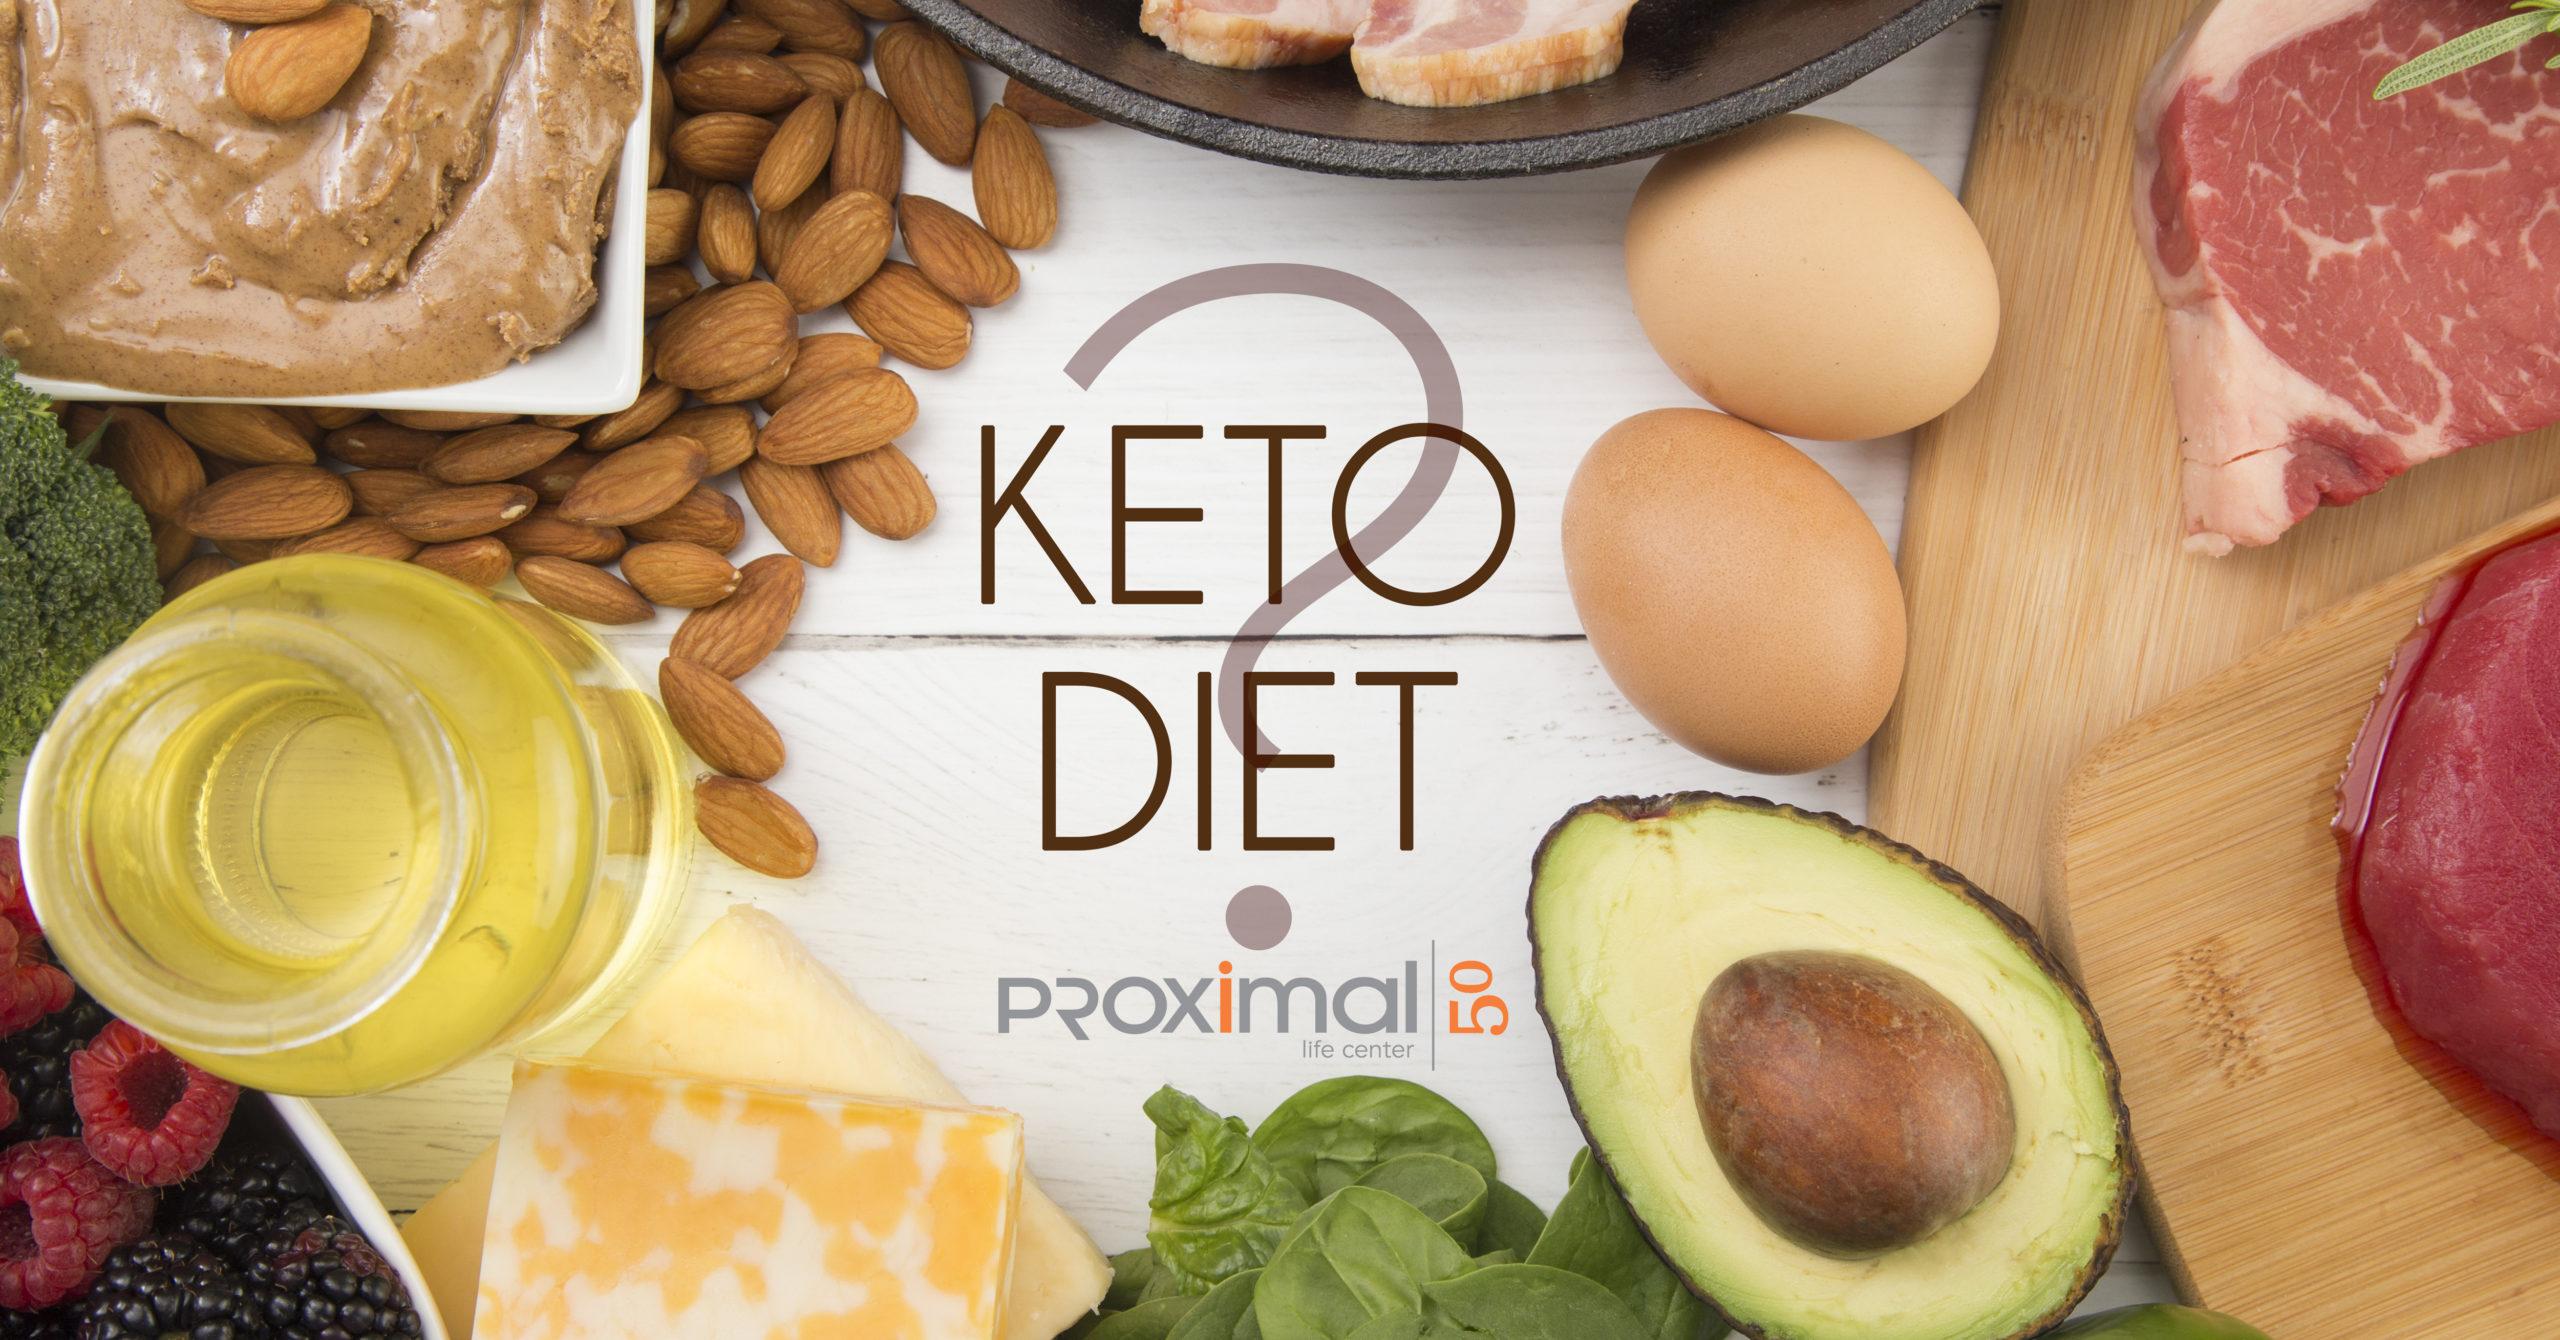 keto diet in non obse study